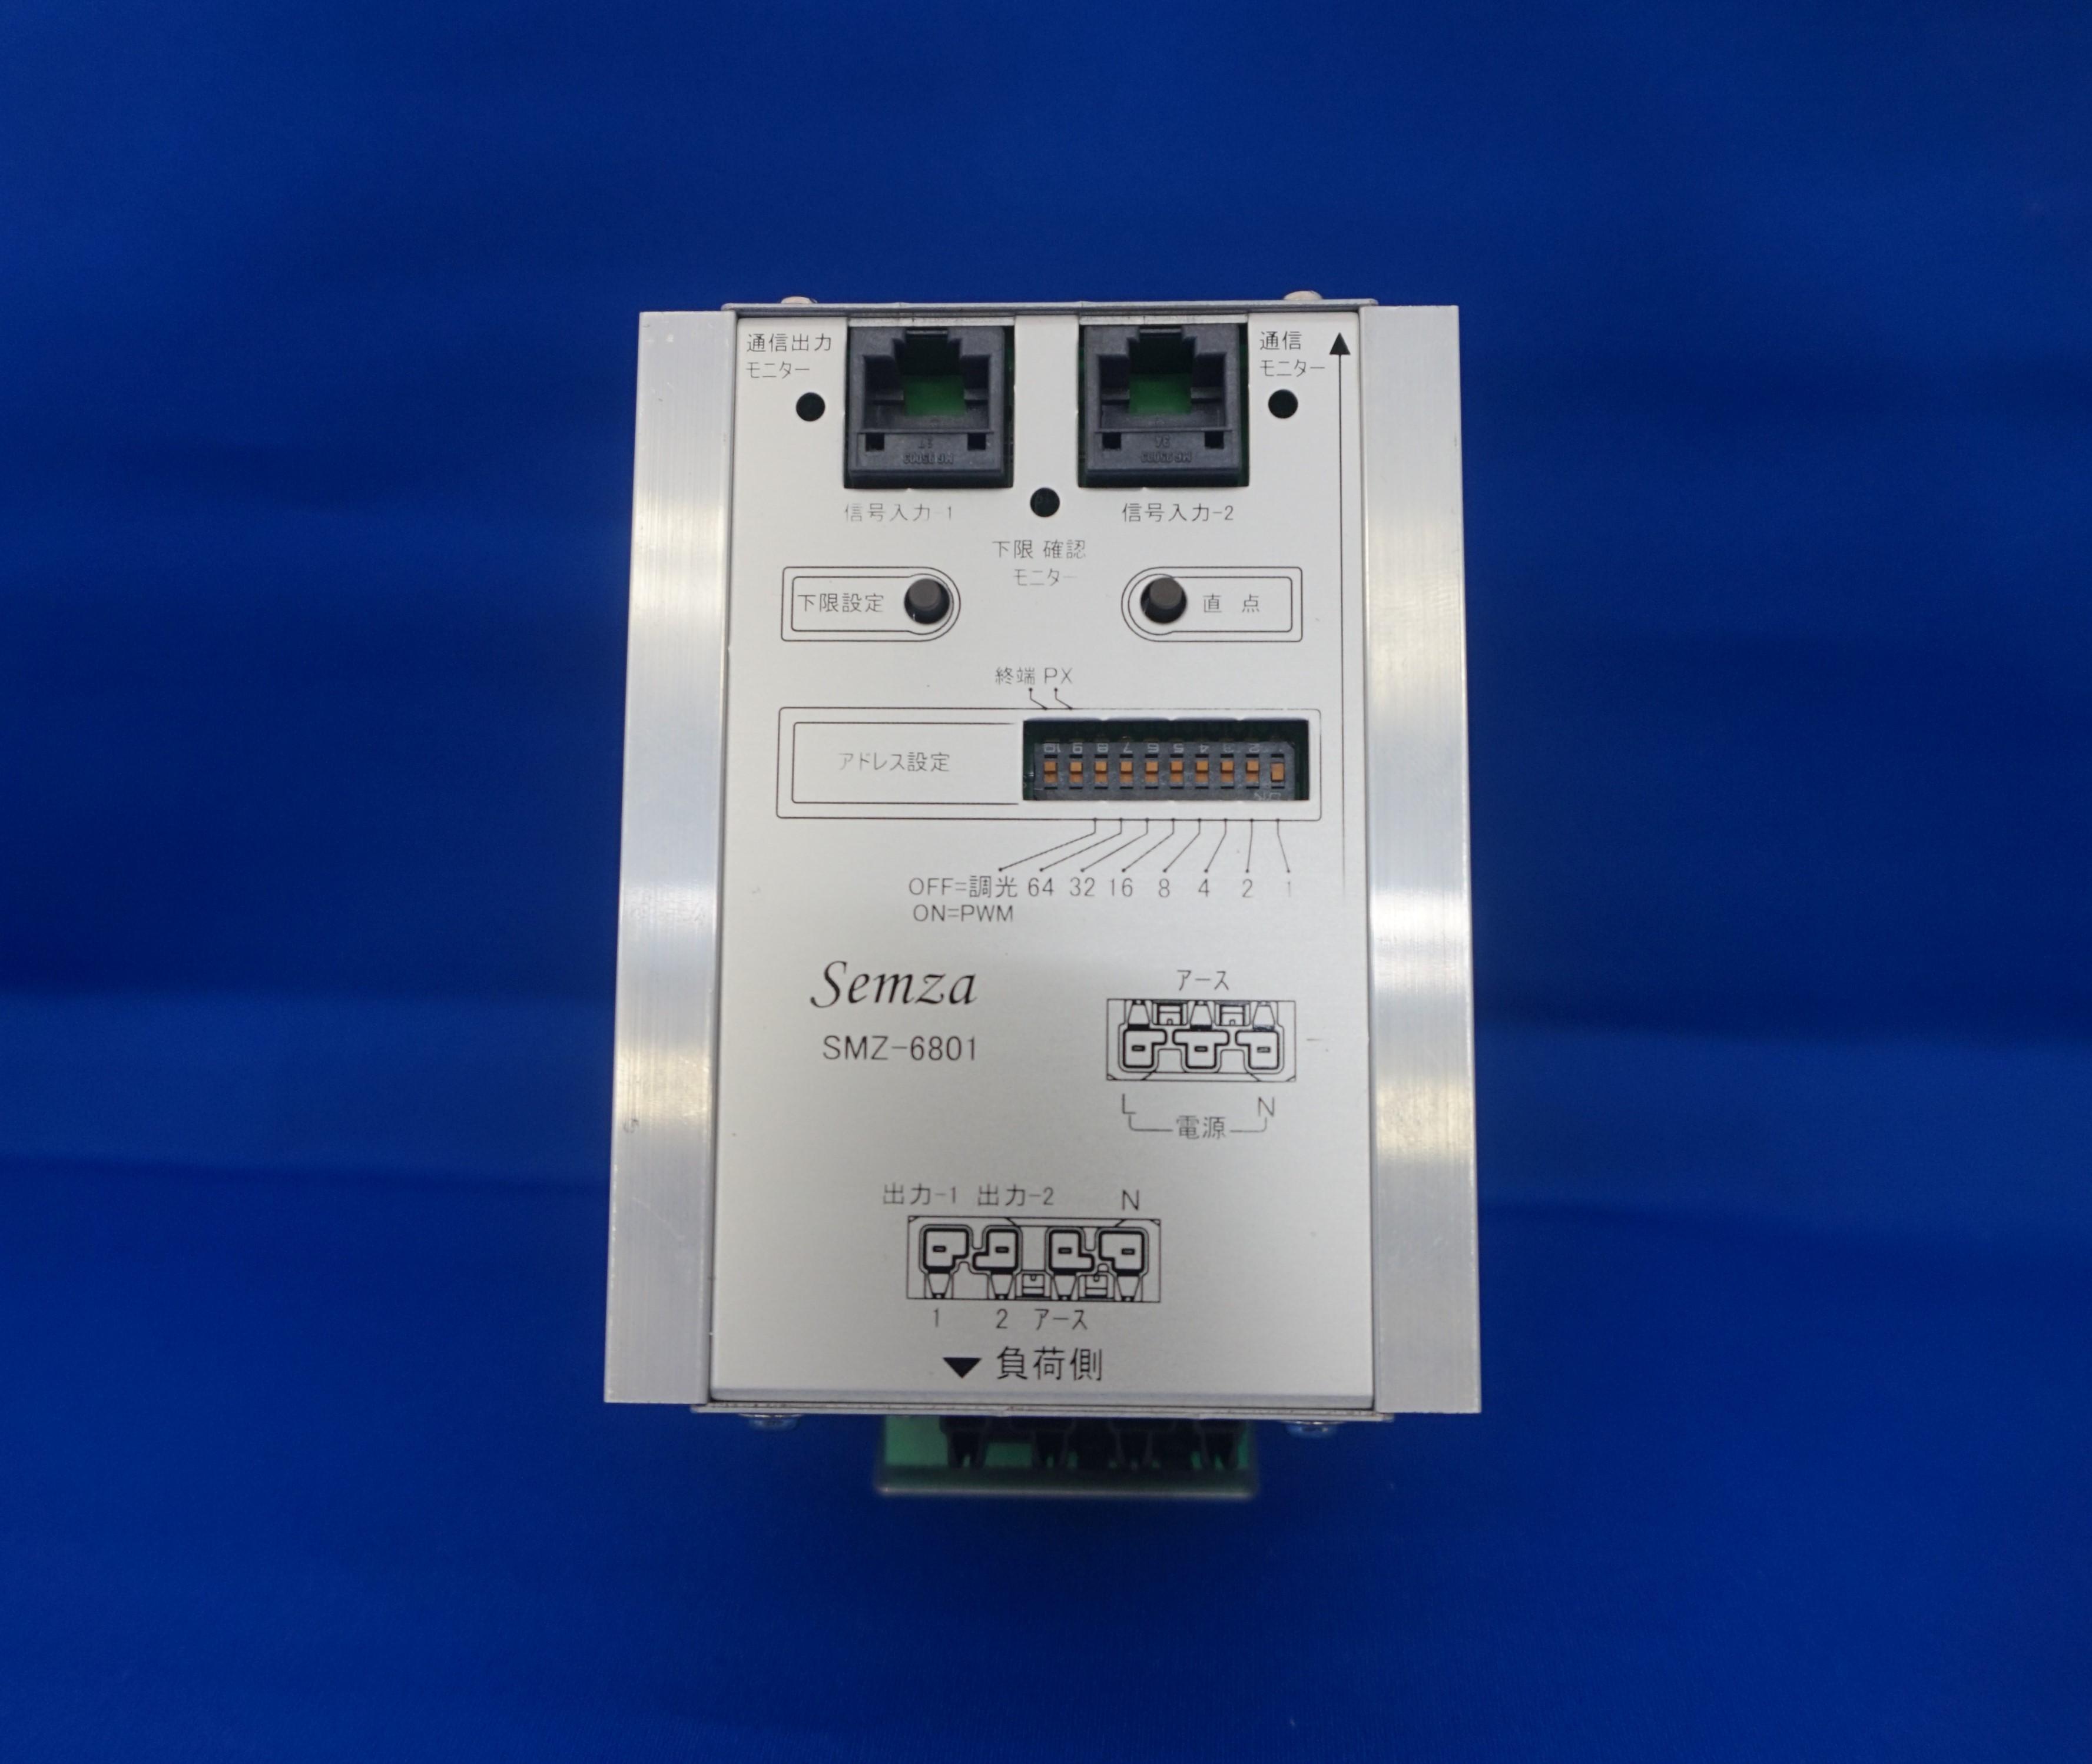 SMZ-6801